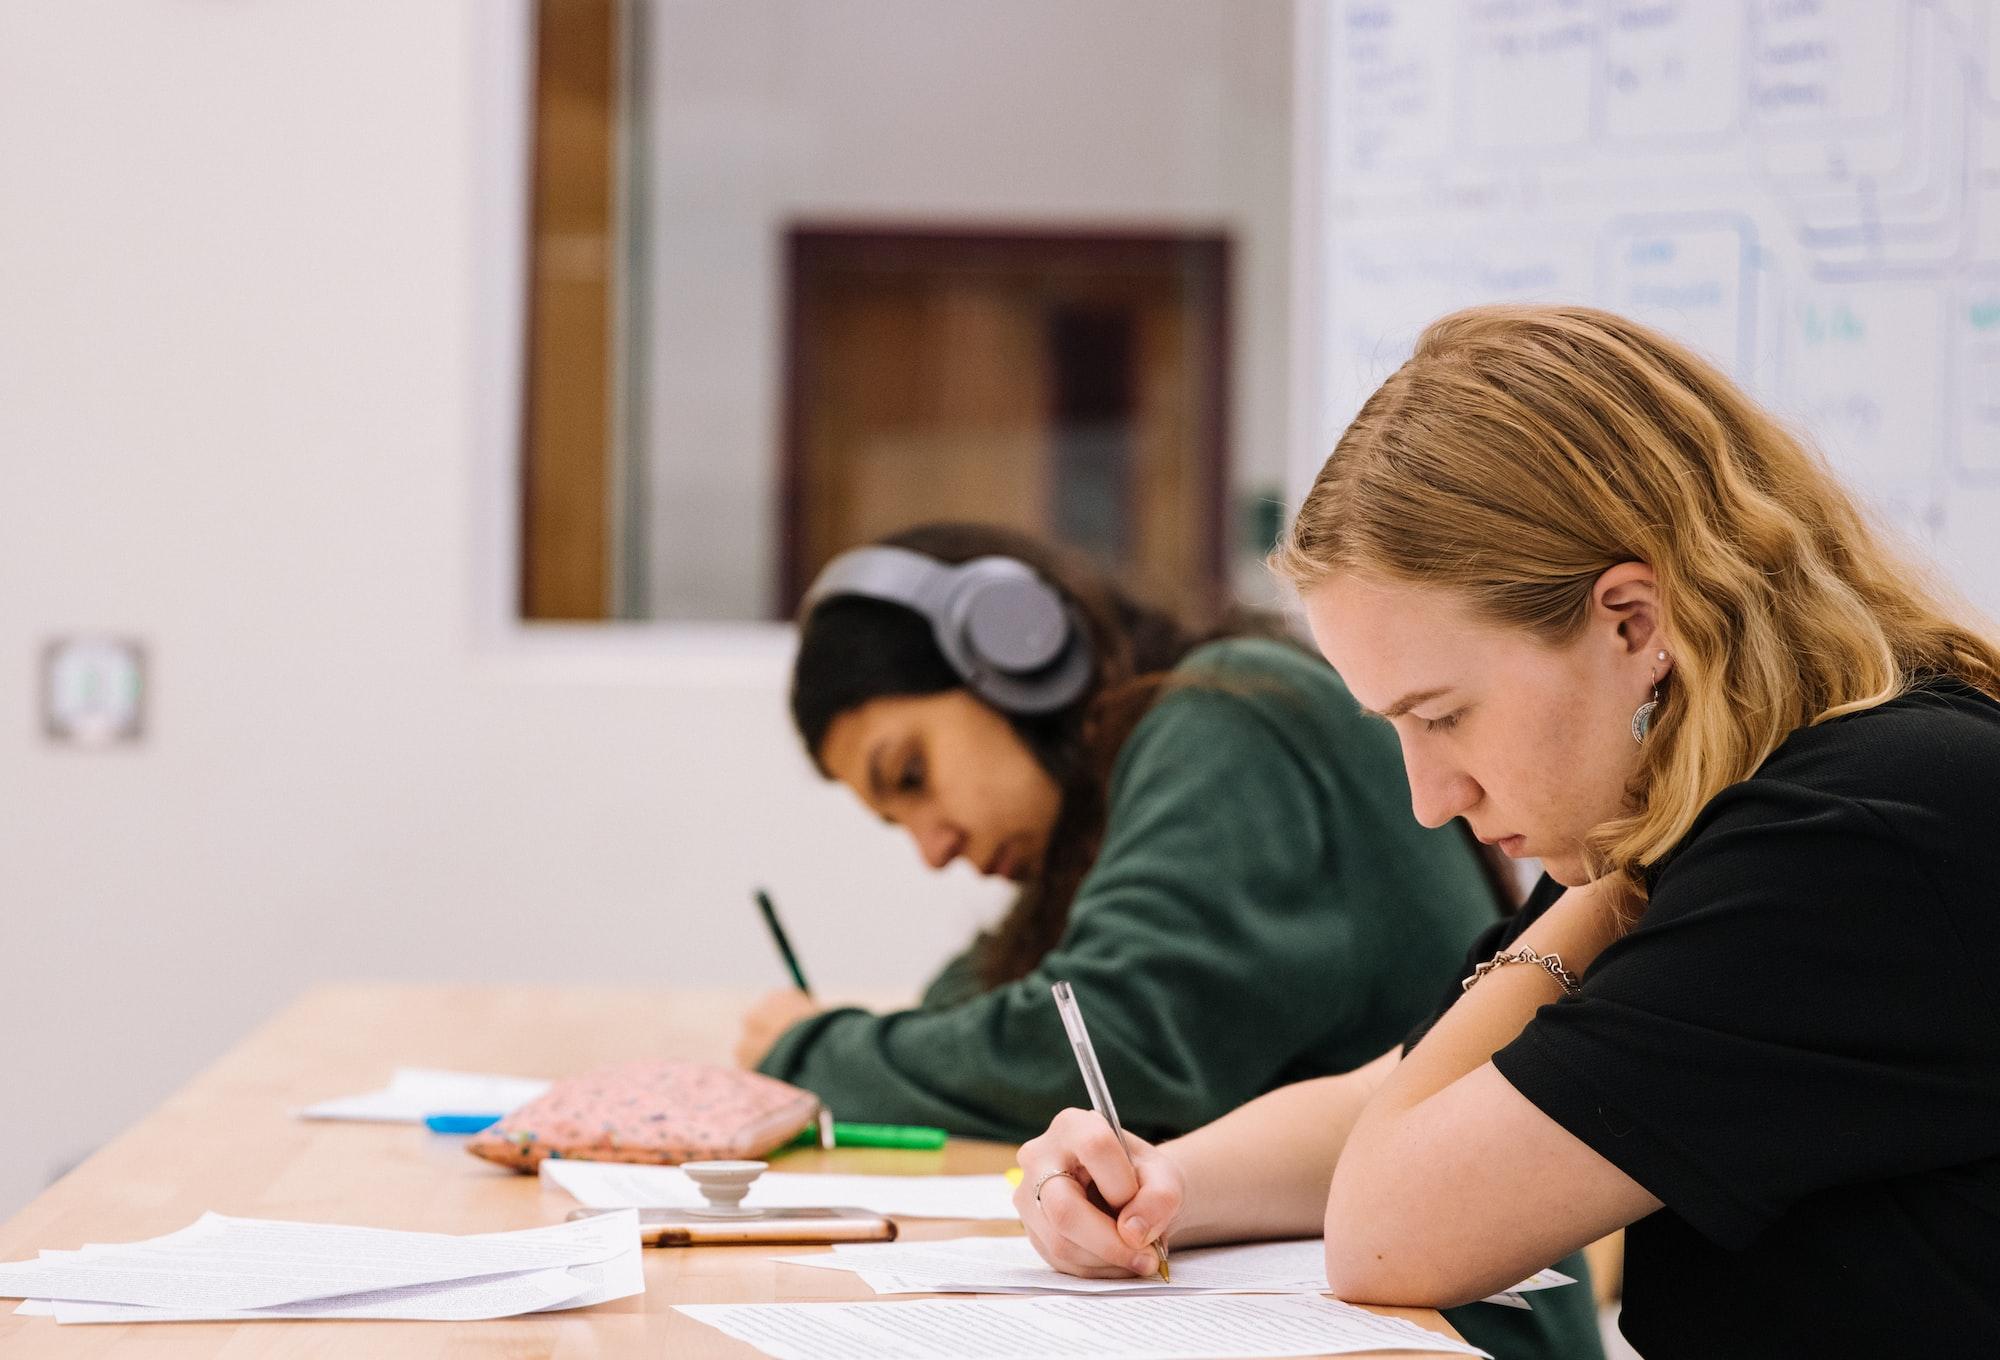 卑诗重启计划:专上教育将恢复面授学习